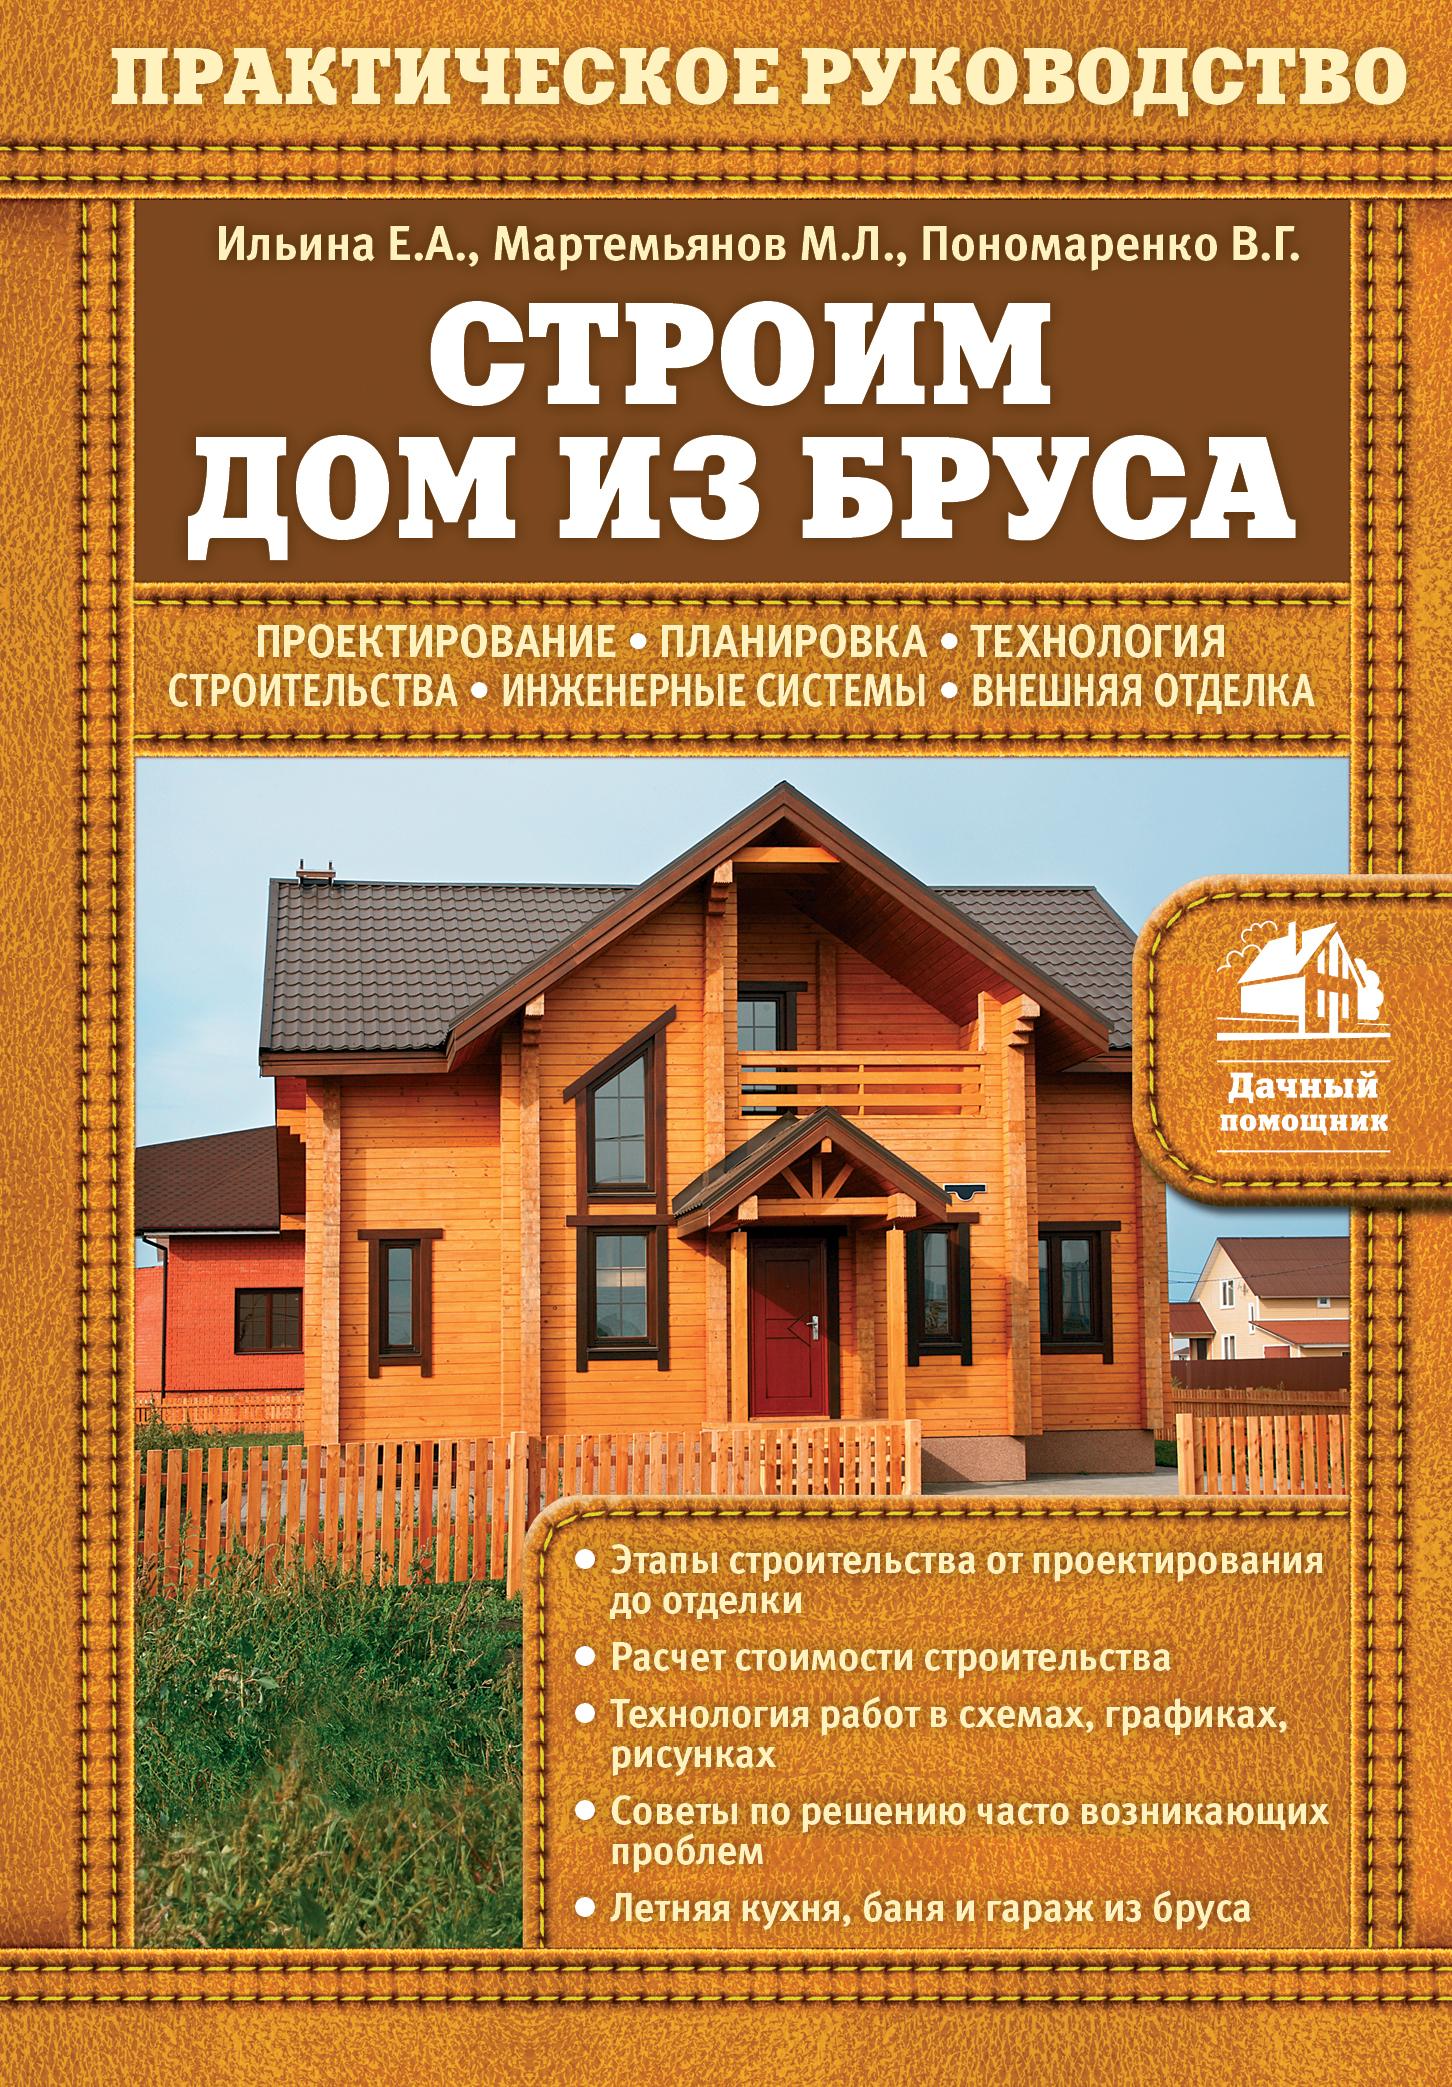 Ильина Е.А., Мартемьянов М.Л., Пономаренко В.Г. Строим дом из бруса